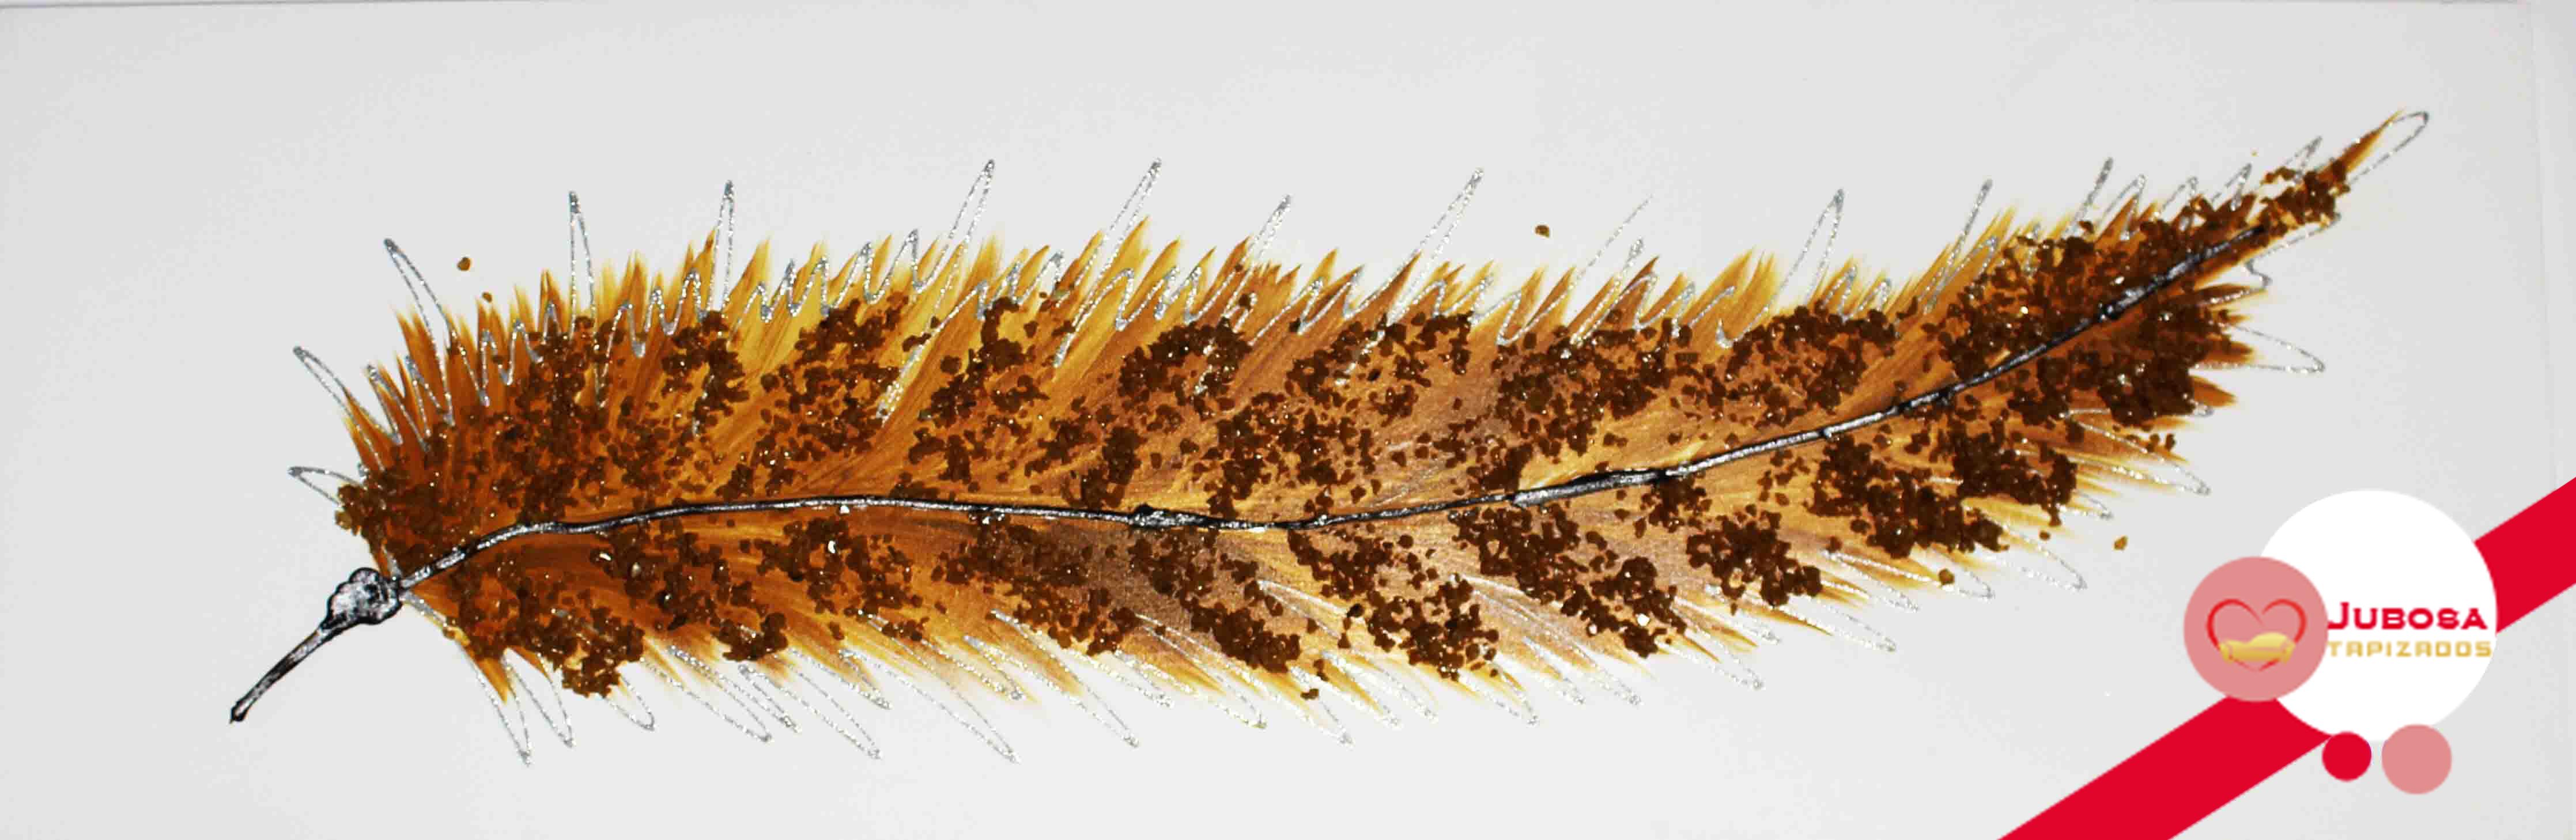 cuadro pluma tapizados jubosa